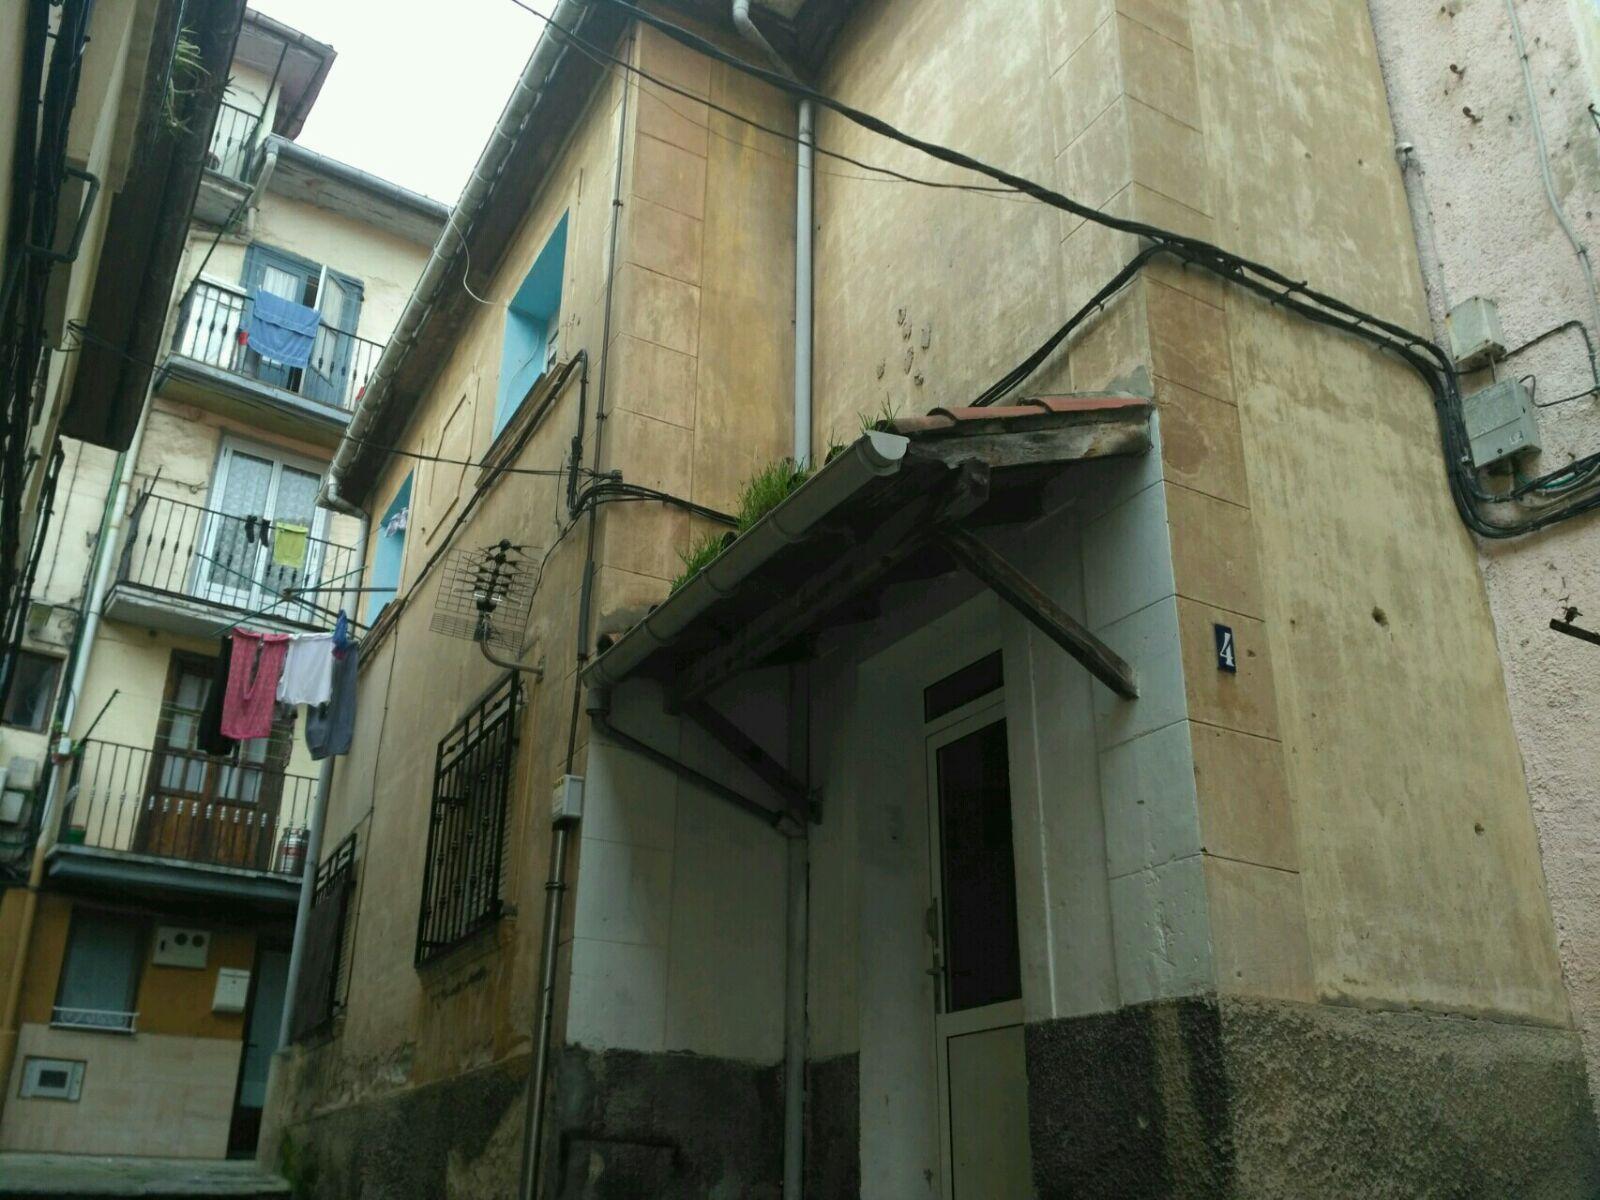 Piso en venta en Santander, Cantabria, Calle Travesia la Enseñanza, 77.687 €, 3 habitaciones, 1 baño, 70 m2